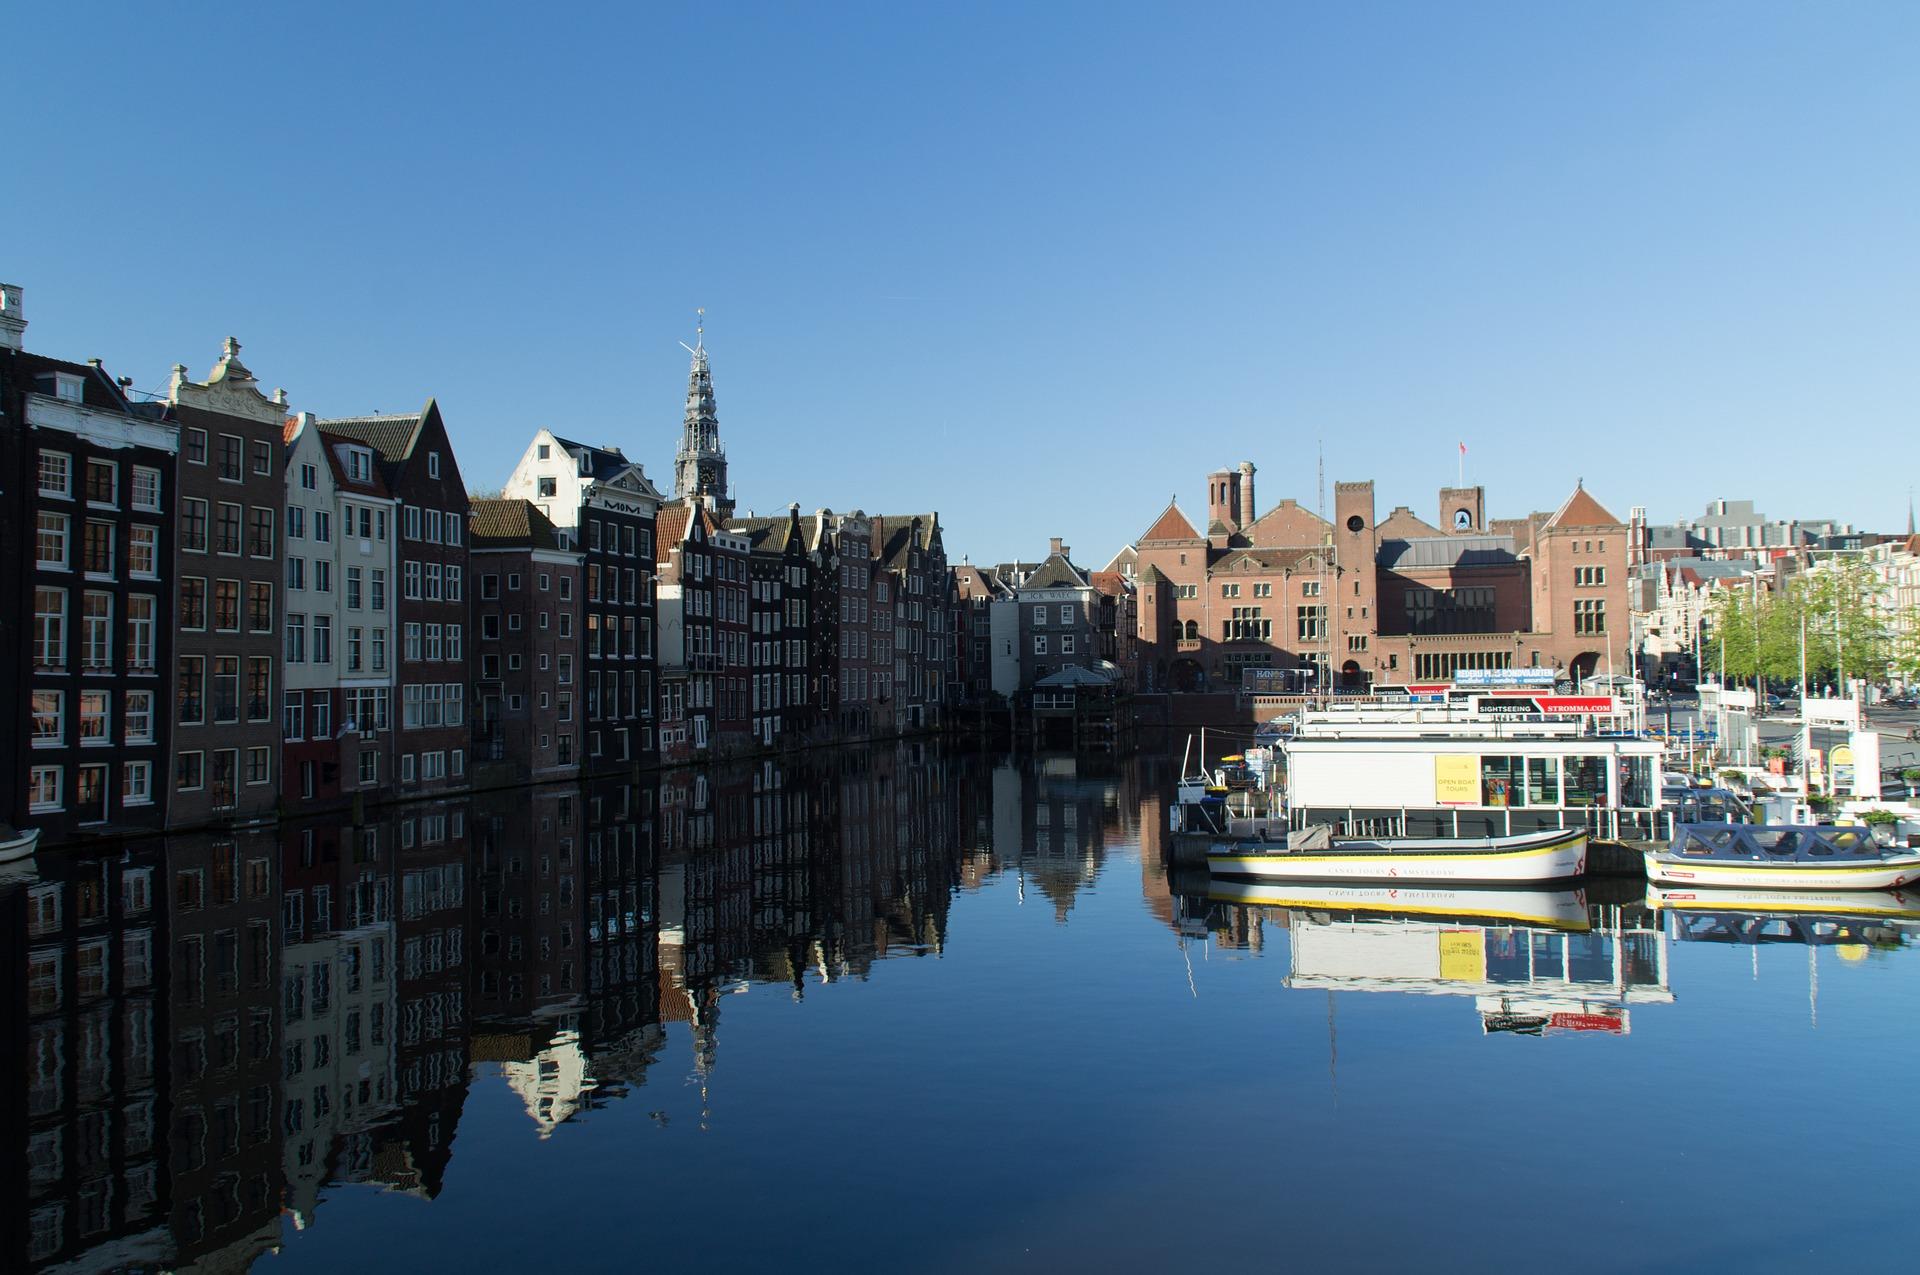 Amsterdam Tipps für eine Städtereise Tagestrip oder Hotel